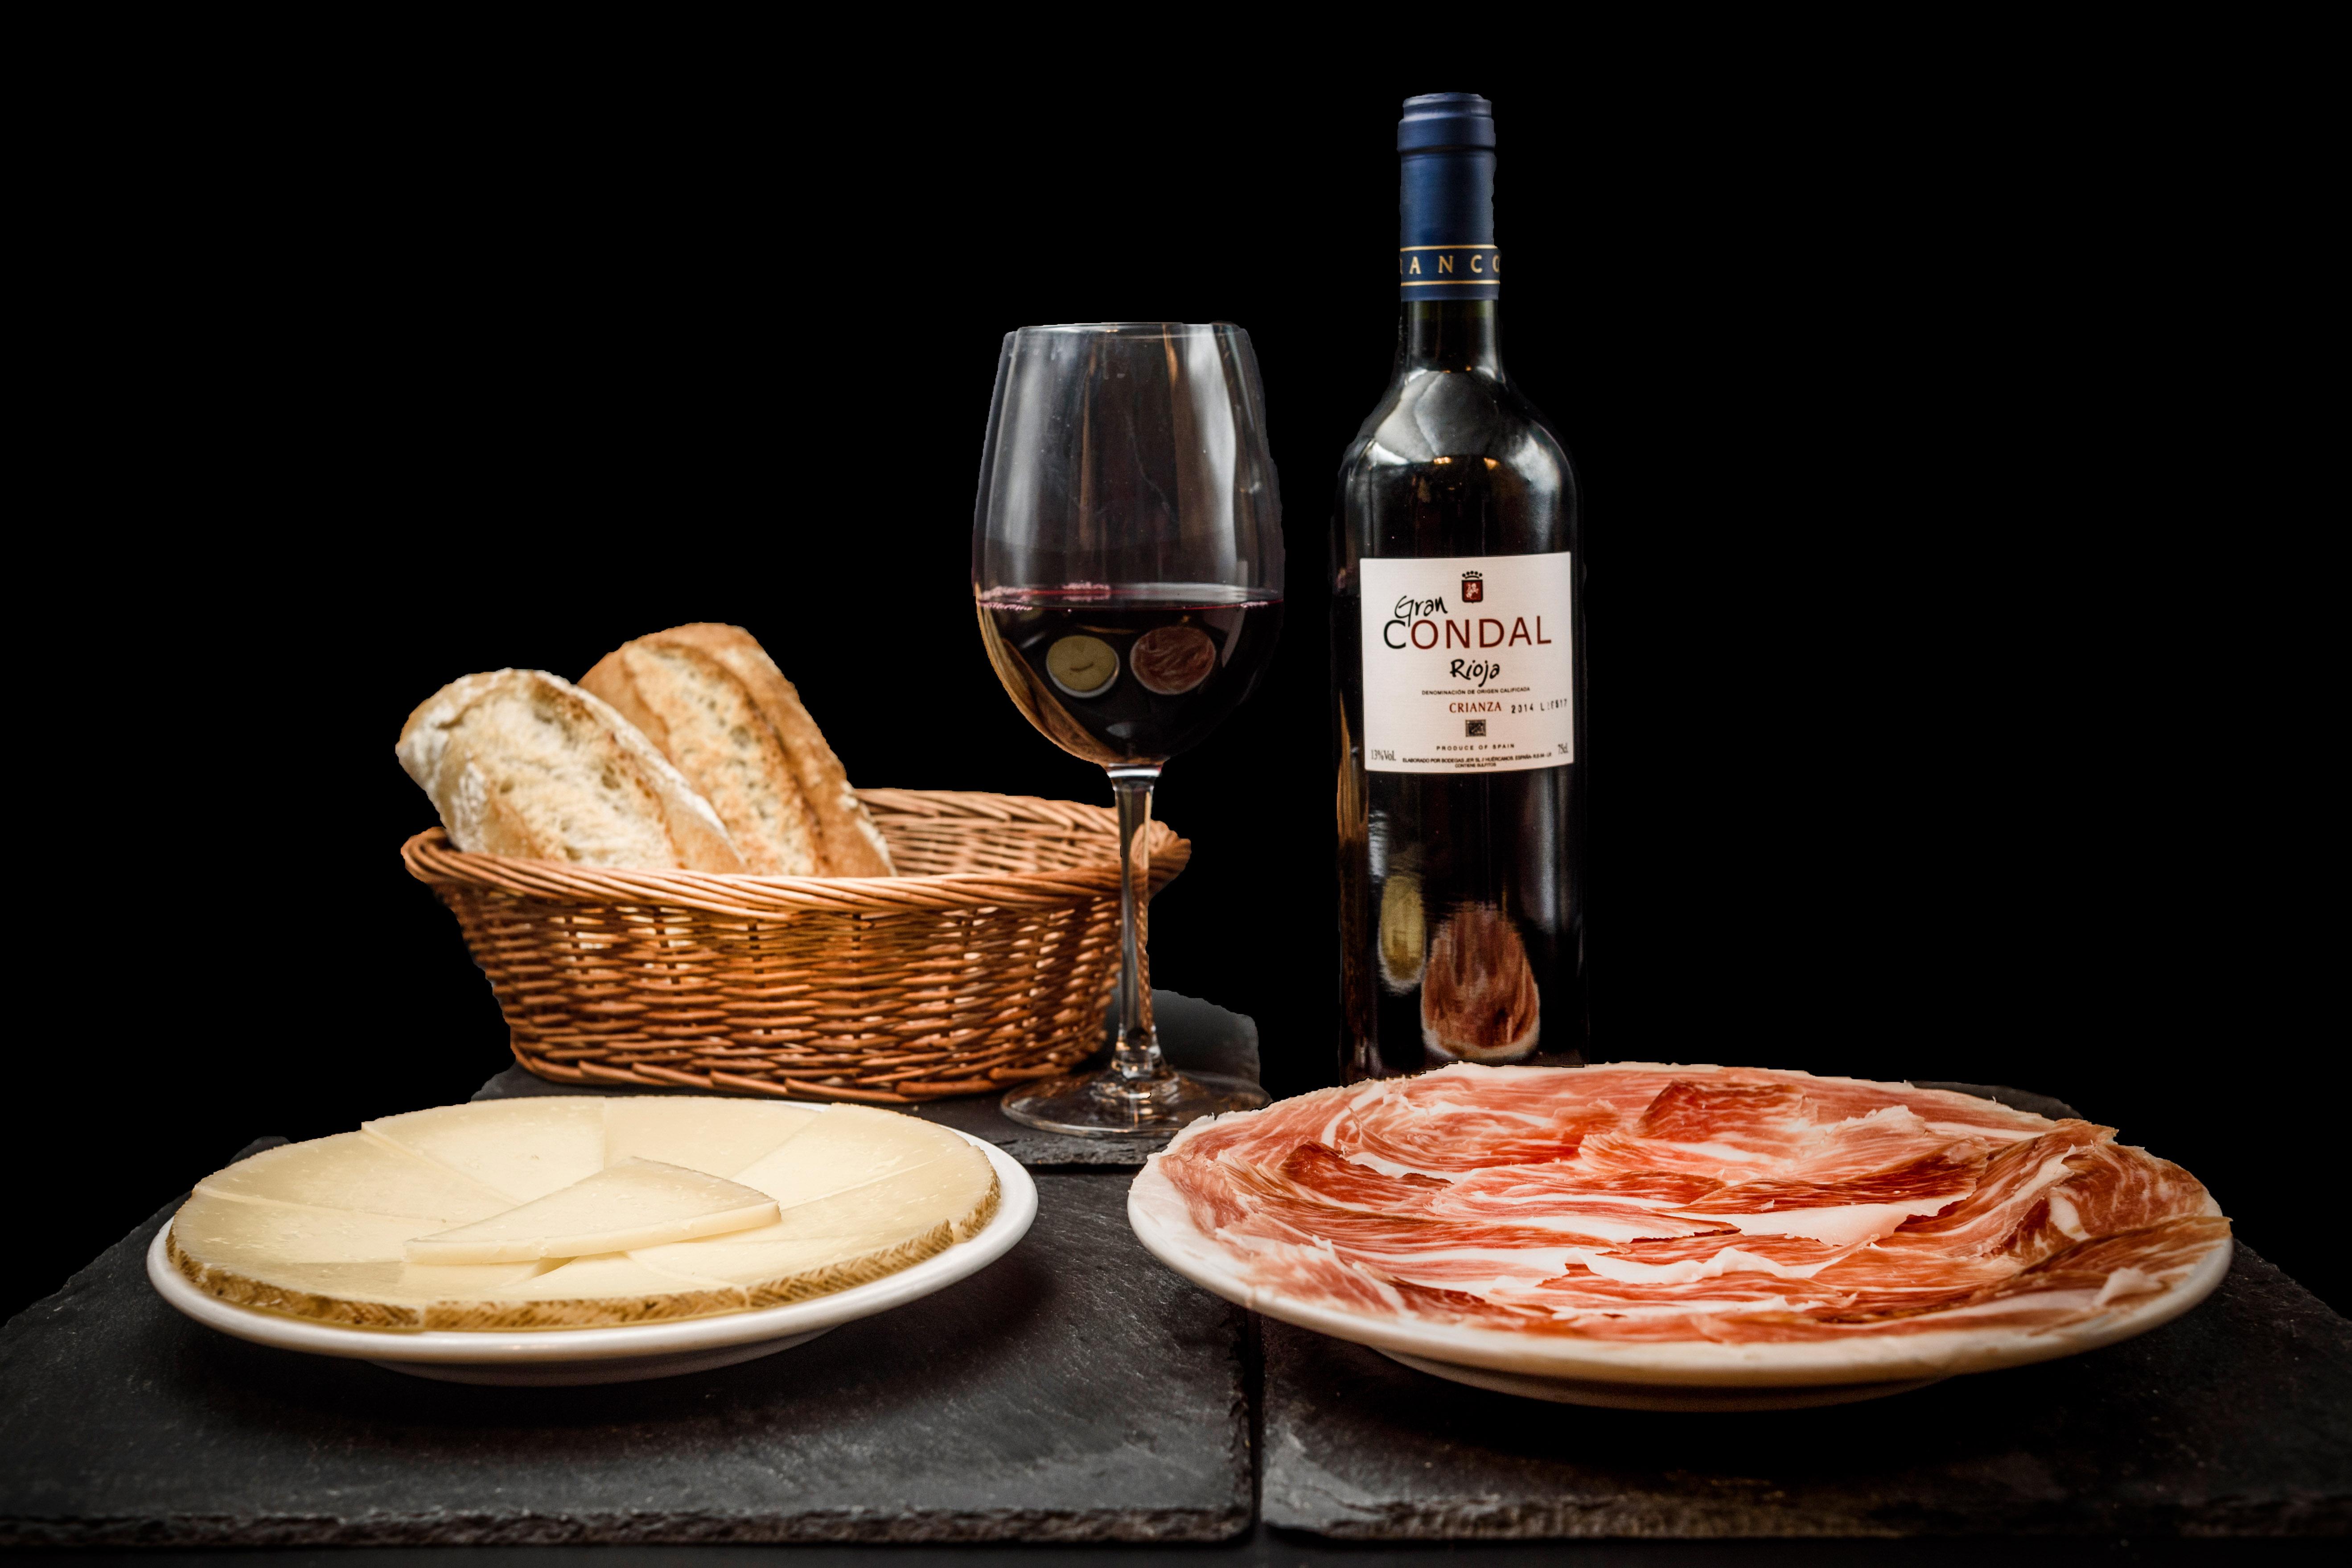 Comer o Cenar barato y con calidad en Alcorcón. Oferta Ibéricos, incluye 1 ración de jamón ibérico, 1 ración de queso curado, 1 botella de vino (Rioja o Ribera), 2 pan por 22€. En Restaurante Museo del Jamón, Parque Oeste Alcorcón